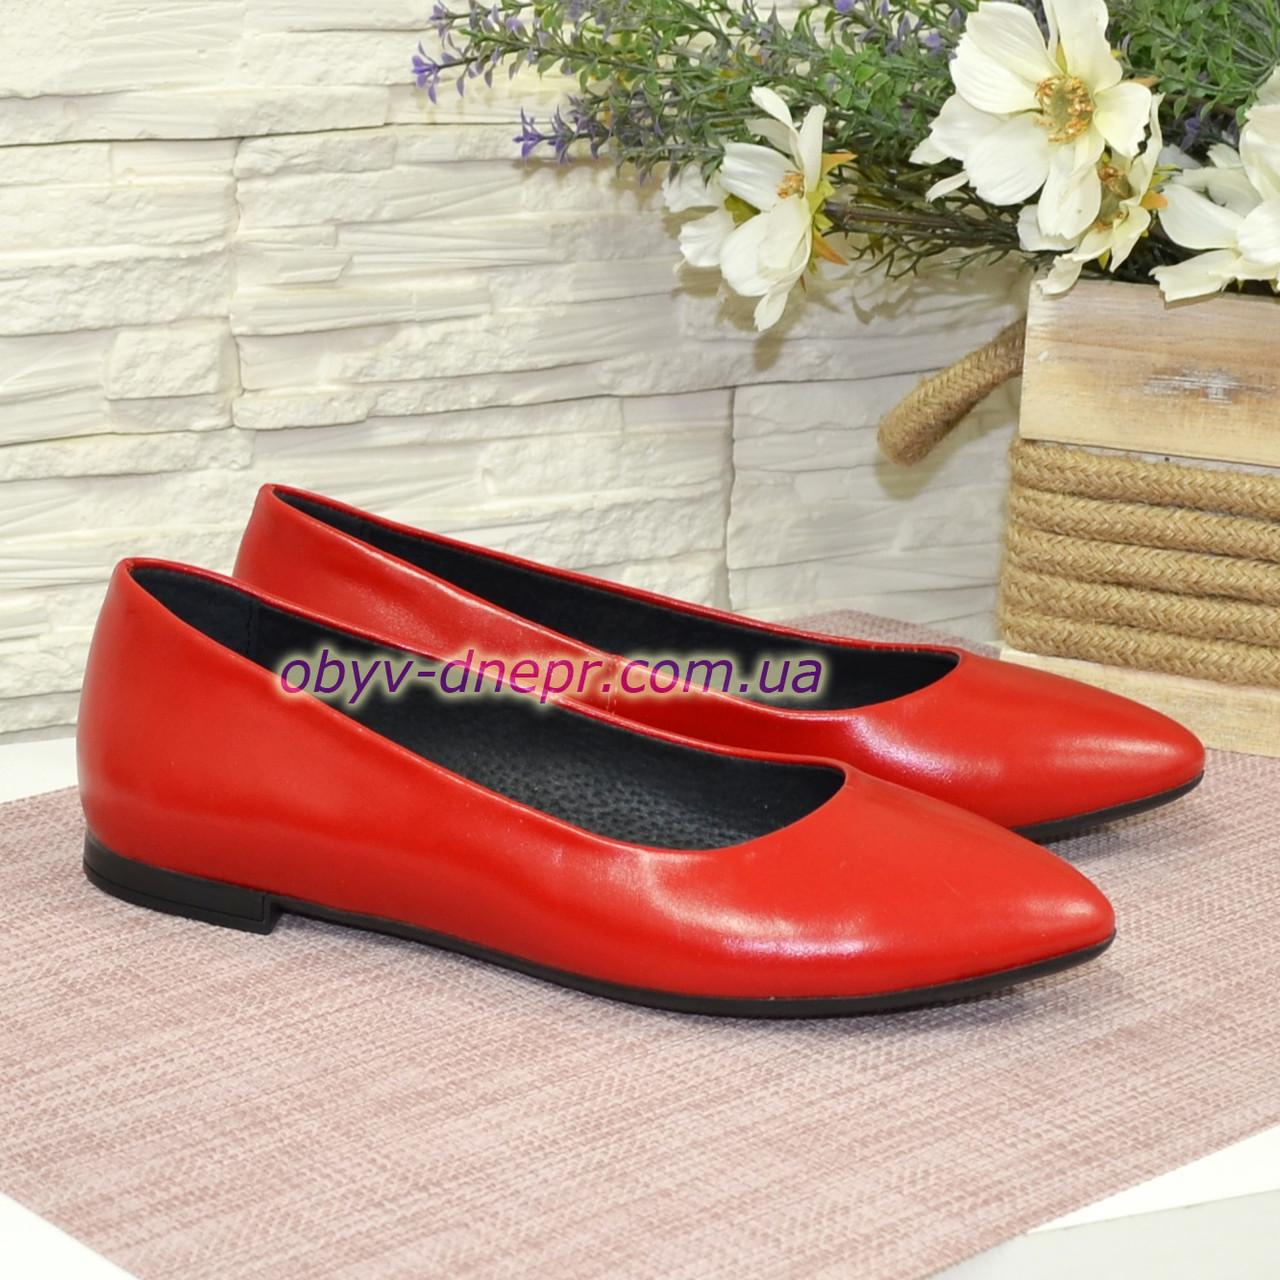 Женские кожаные туфли-балетки с заостренным носком, цвет красный